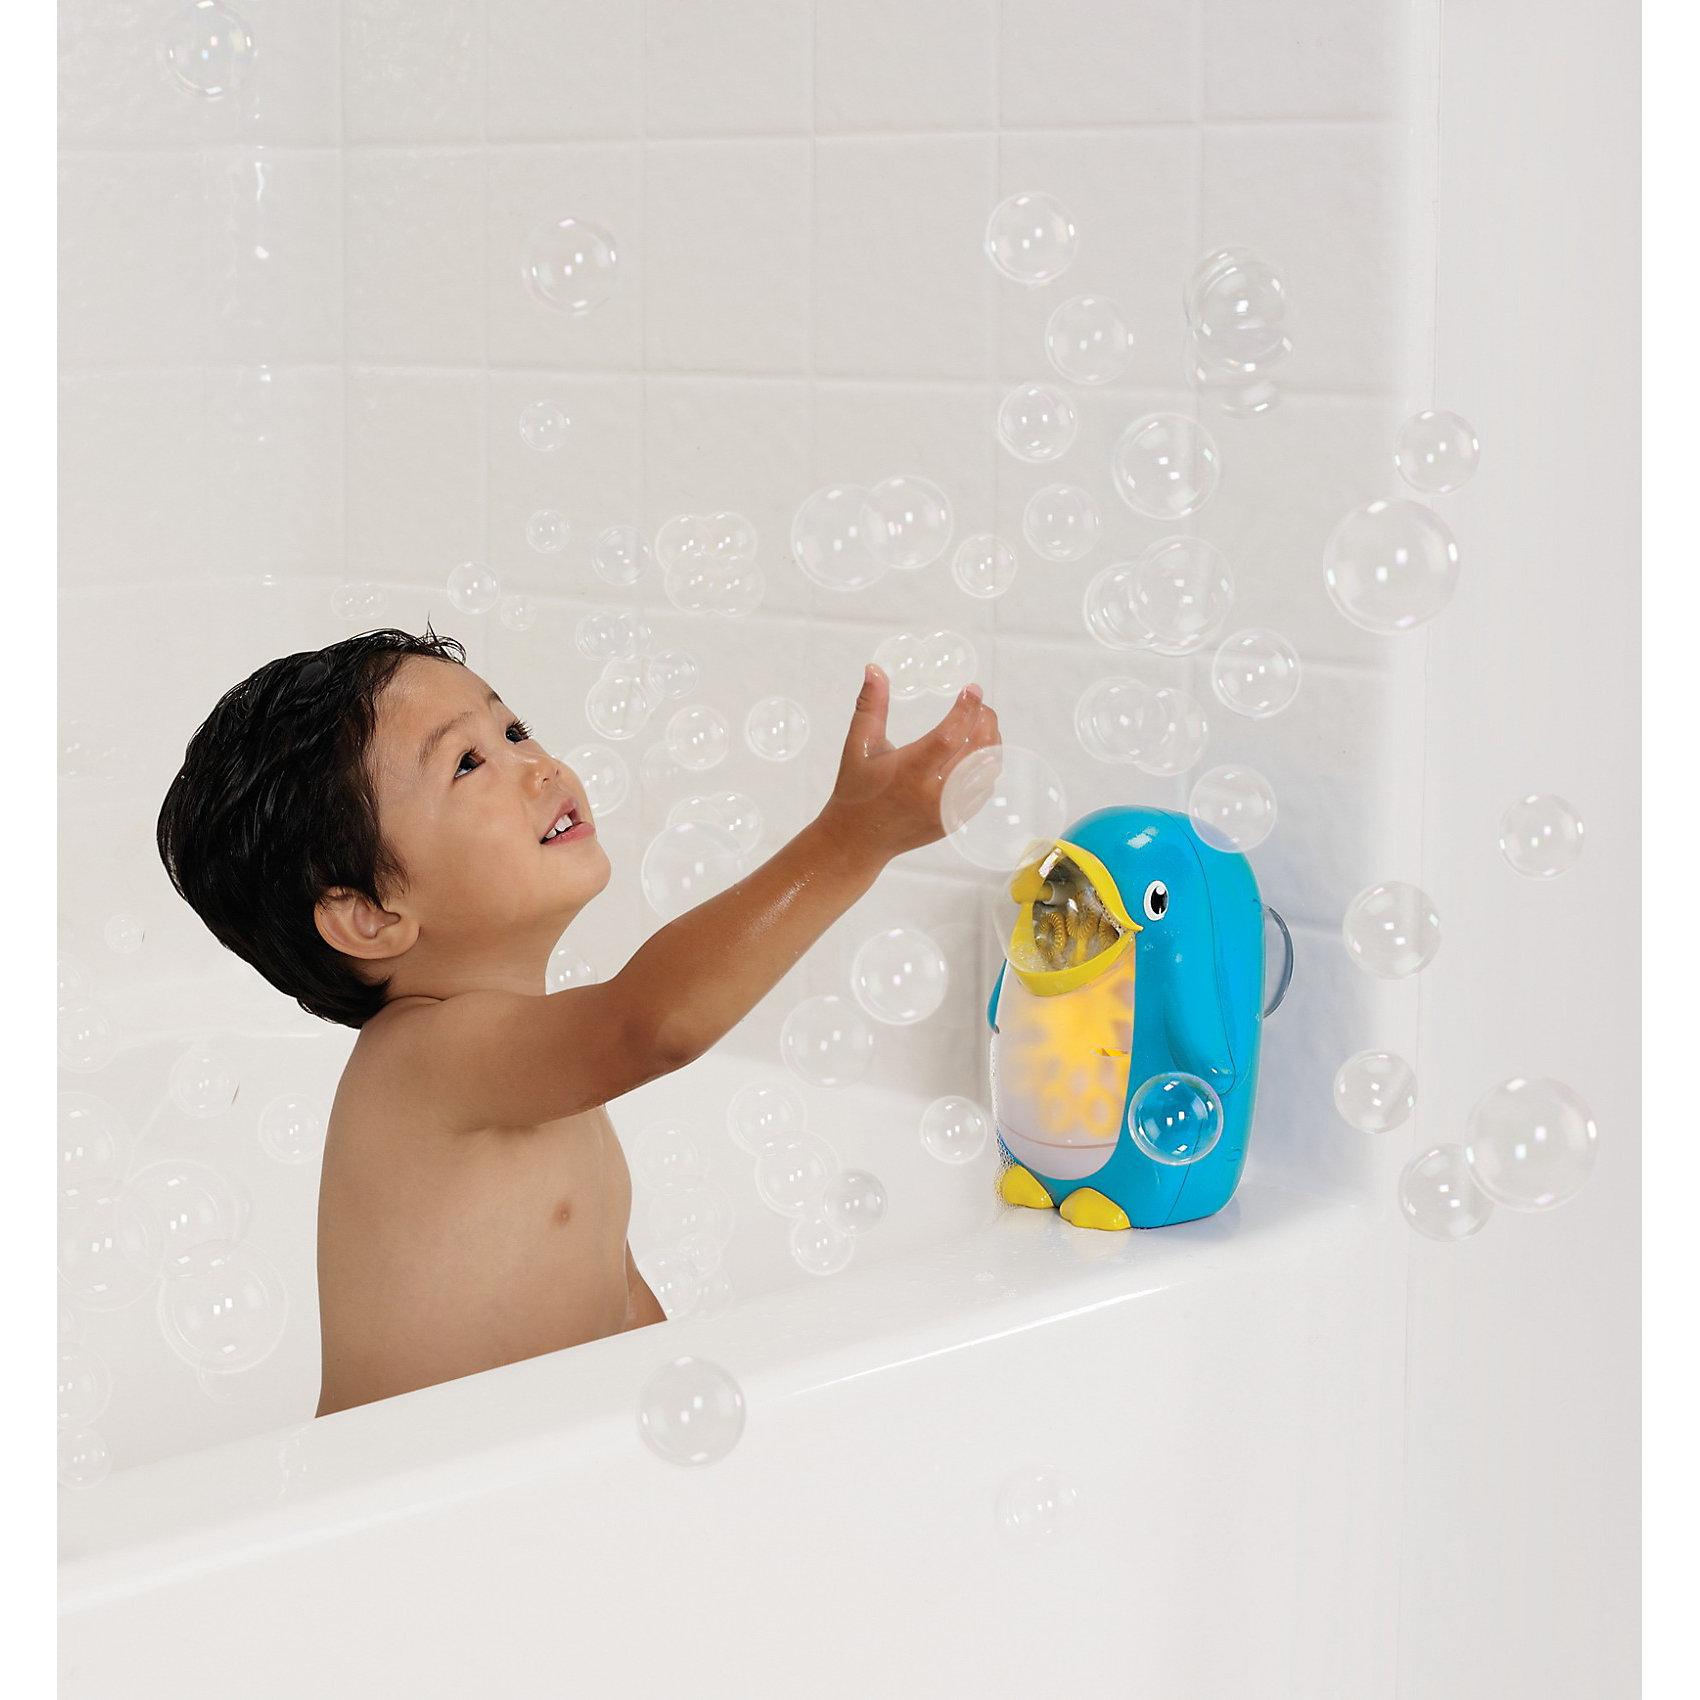 Игрушка для ванной Мыльные пузыри, от 12 мес., MunchkinИгрушка для ванной Пингвин Мыльные пузыри от munchkin (Манчкин) не оставит ни одного ребенка равнодушным!<br><br>Дополнительная информация:<br><br>- Есть кнопка вкл\выкл.<br>- Крутящееся колесо с кольцами для выдувания обеспечивает непрерывный поток мыльных пузырей.<br>- Можно использовать с большинством пенных средств.<br>- Избегать попадания пузырей на лицо ребенка.<br>- возраст: от 12 мес.<br>- требуются 2 батарейки AA (не входят в комплект)<br><br>Игрушку для ванной Мыльные пузыри munchkin, от 12 мес. можно купить в нашем интернет-магазине.<br><br>Ширина мм: 254<br>Глубина мм: 62<br>Высота мм: 202<br>Вес г: 228<br>Возраст от месяцев: 12<br>Возраст до месяцев: 48<br>Пол: Унисекс<br>Возраст: Детский<br>SKU: 3317194